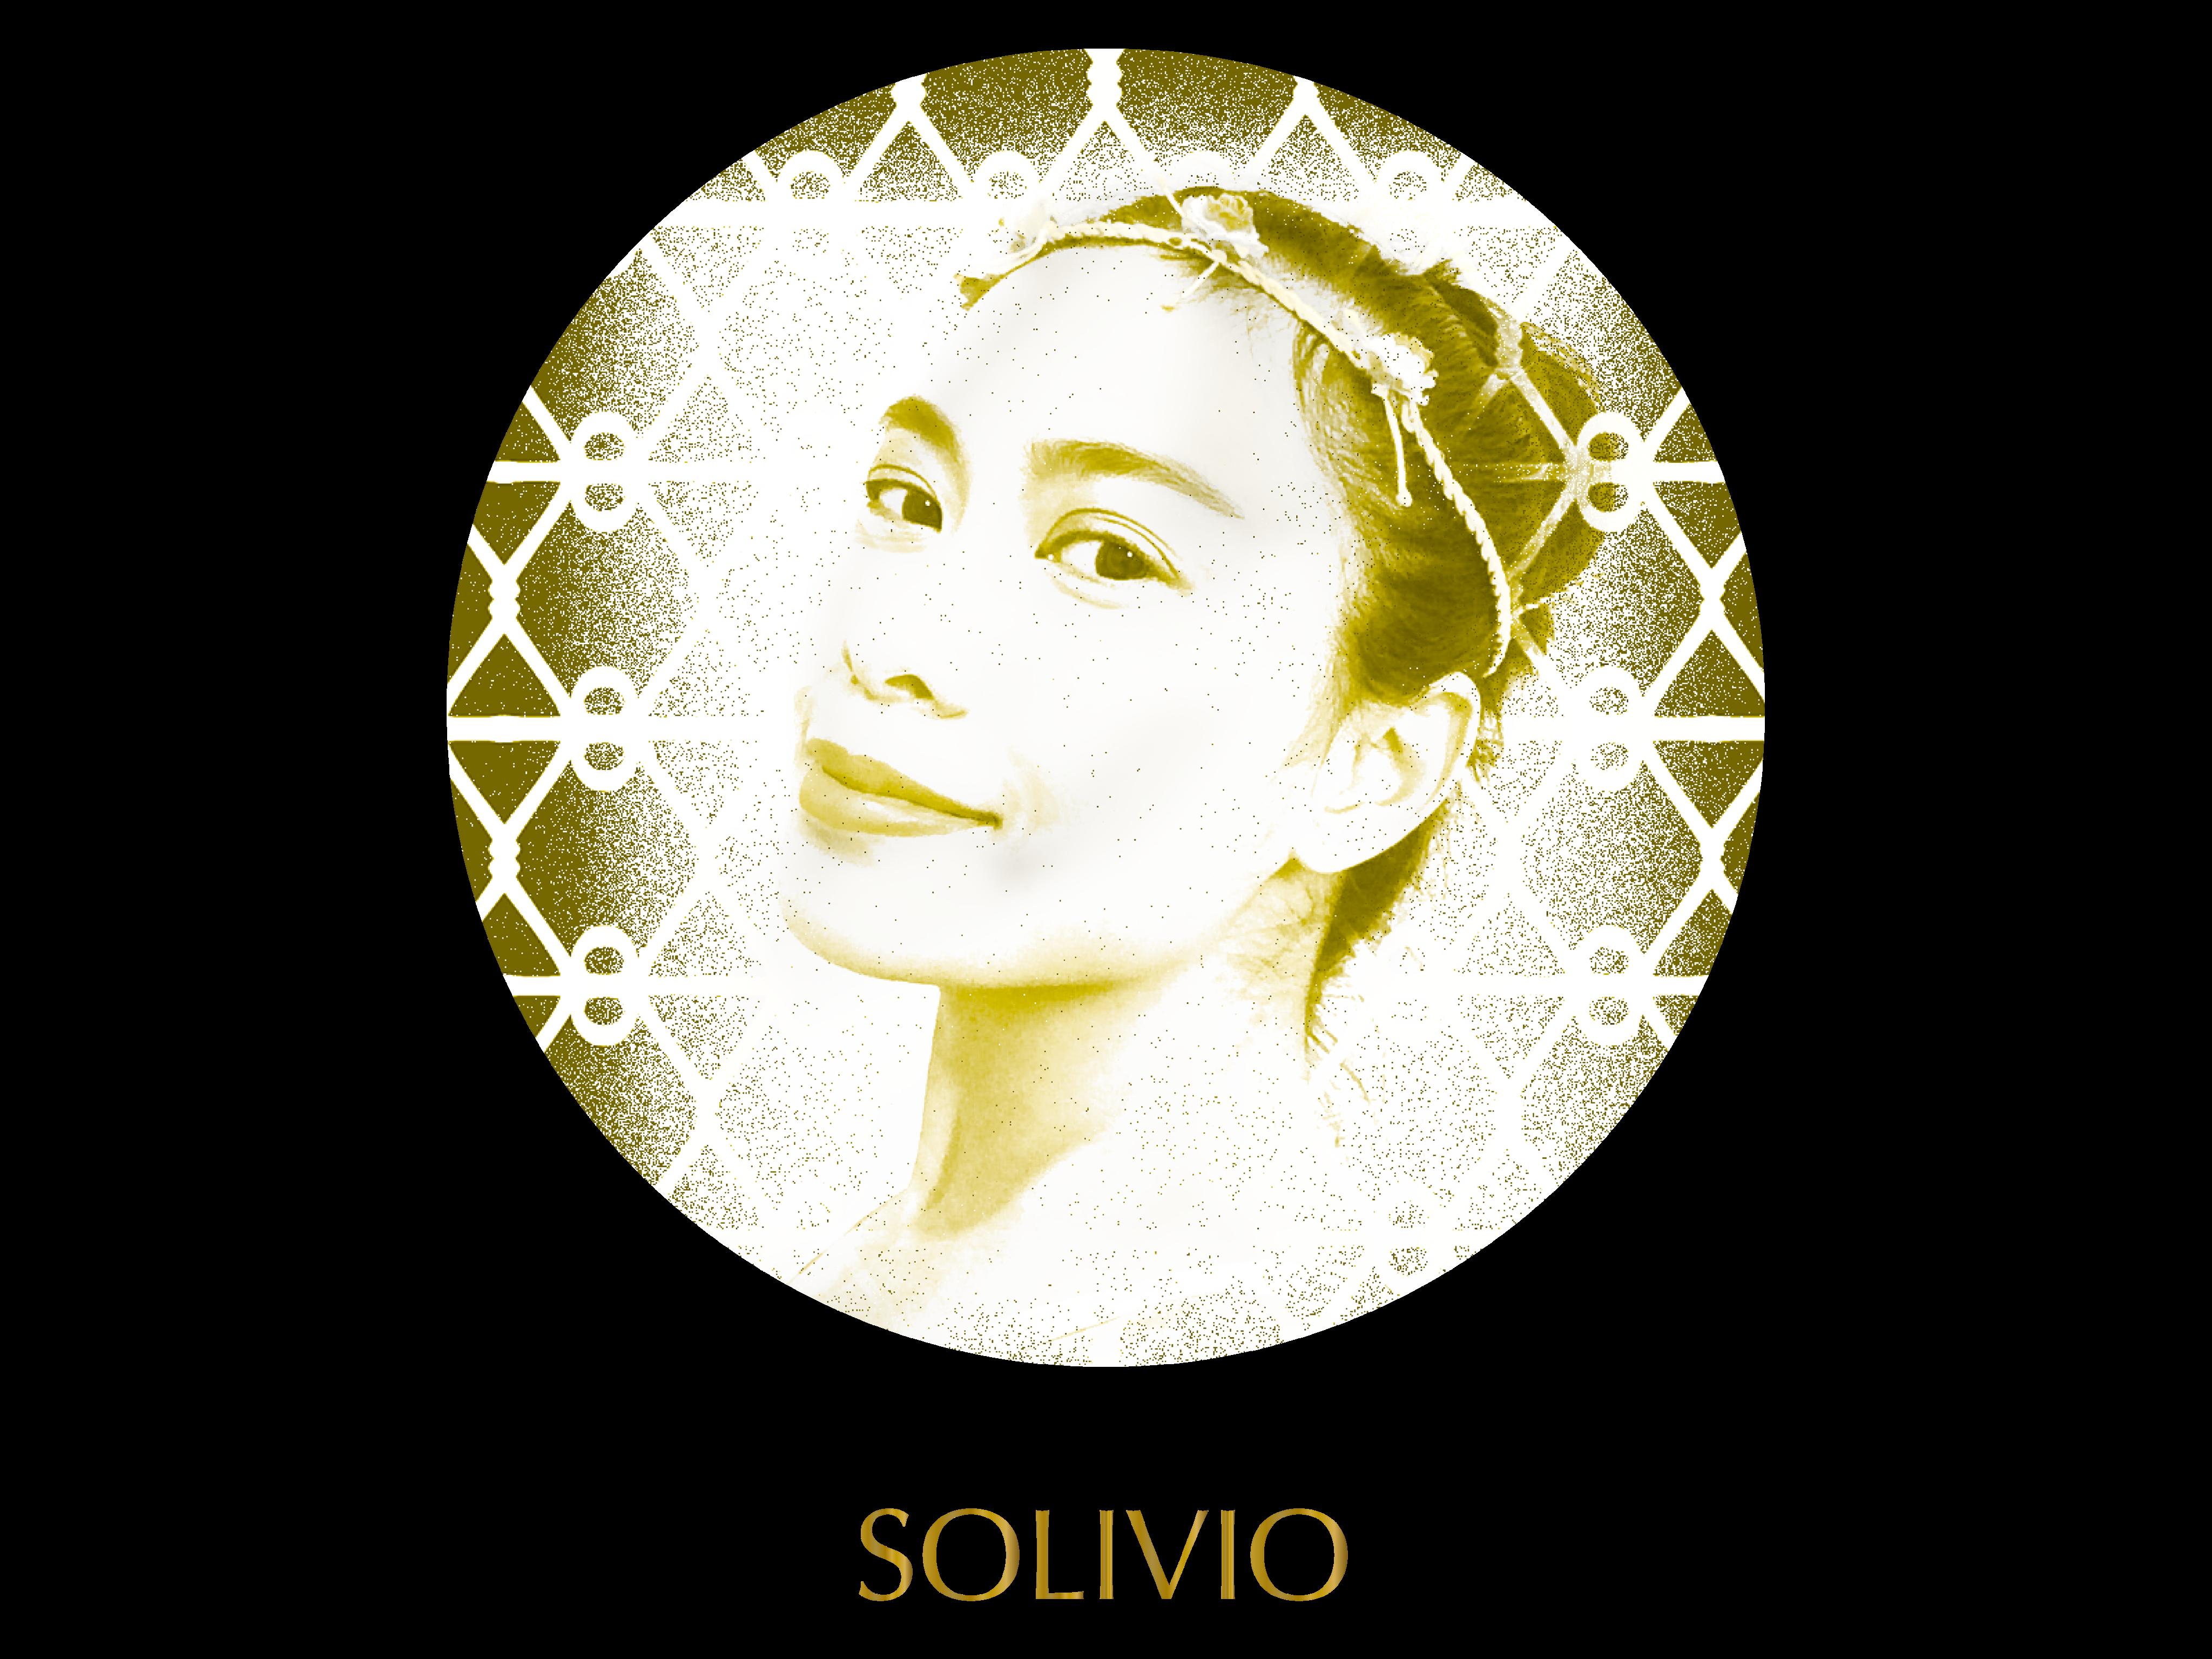 Regina Solivio